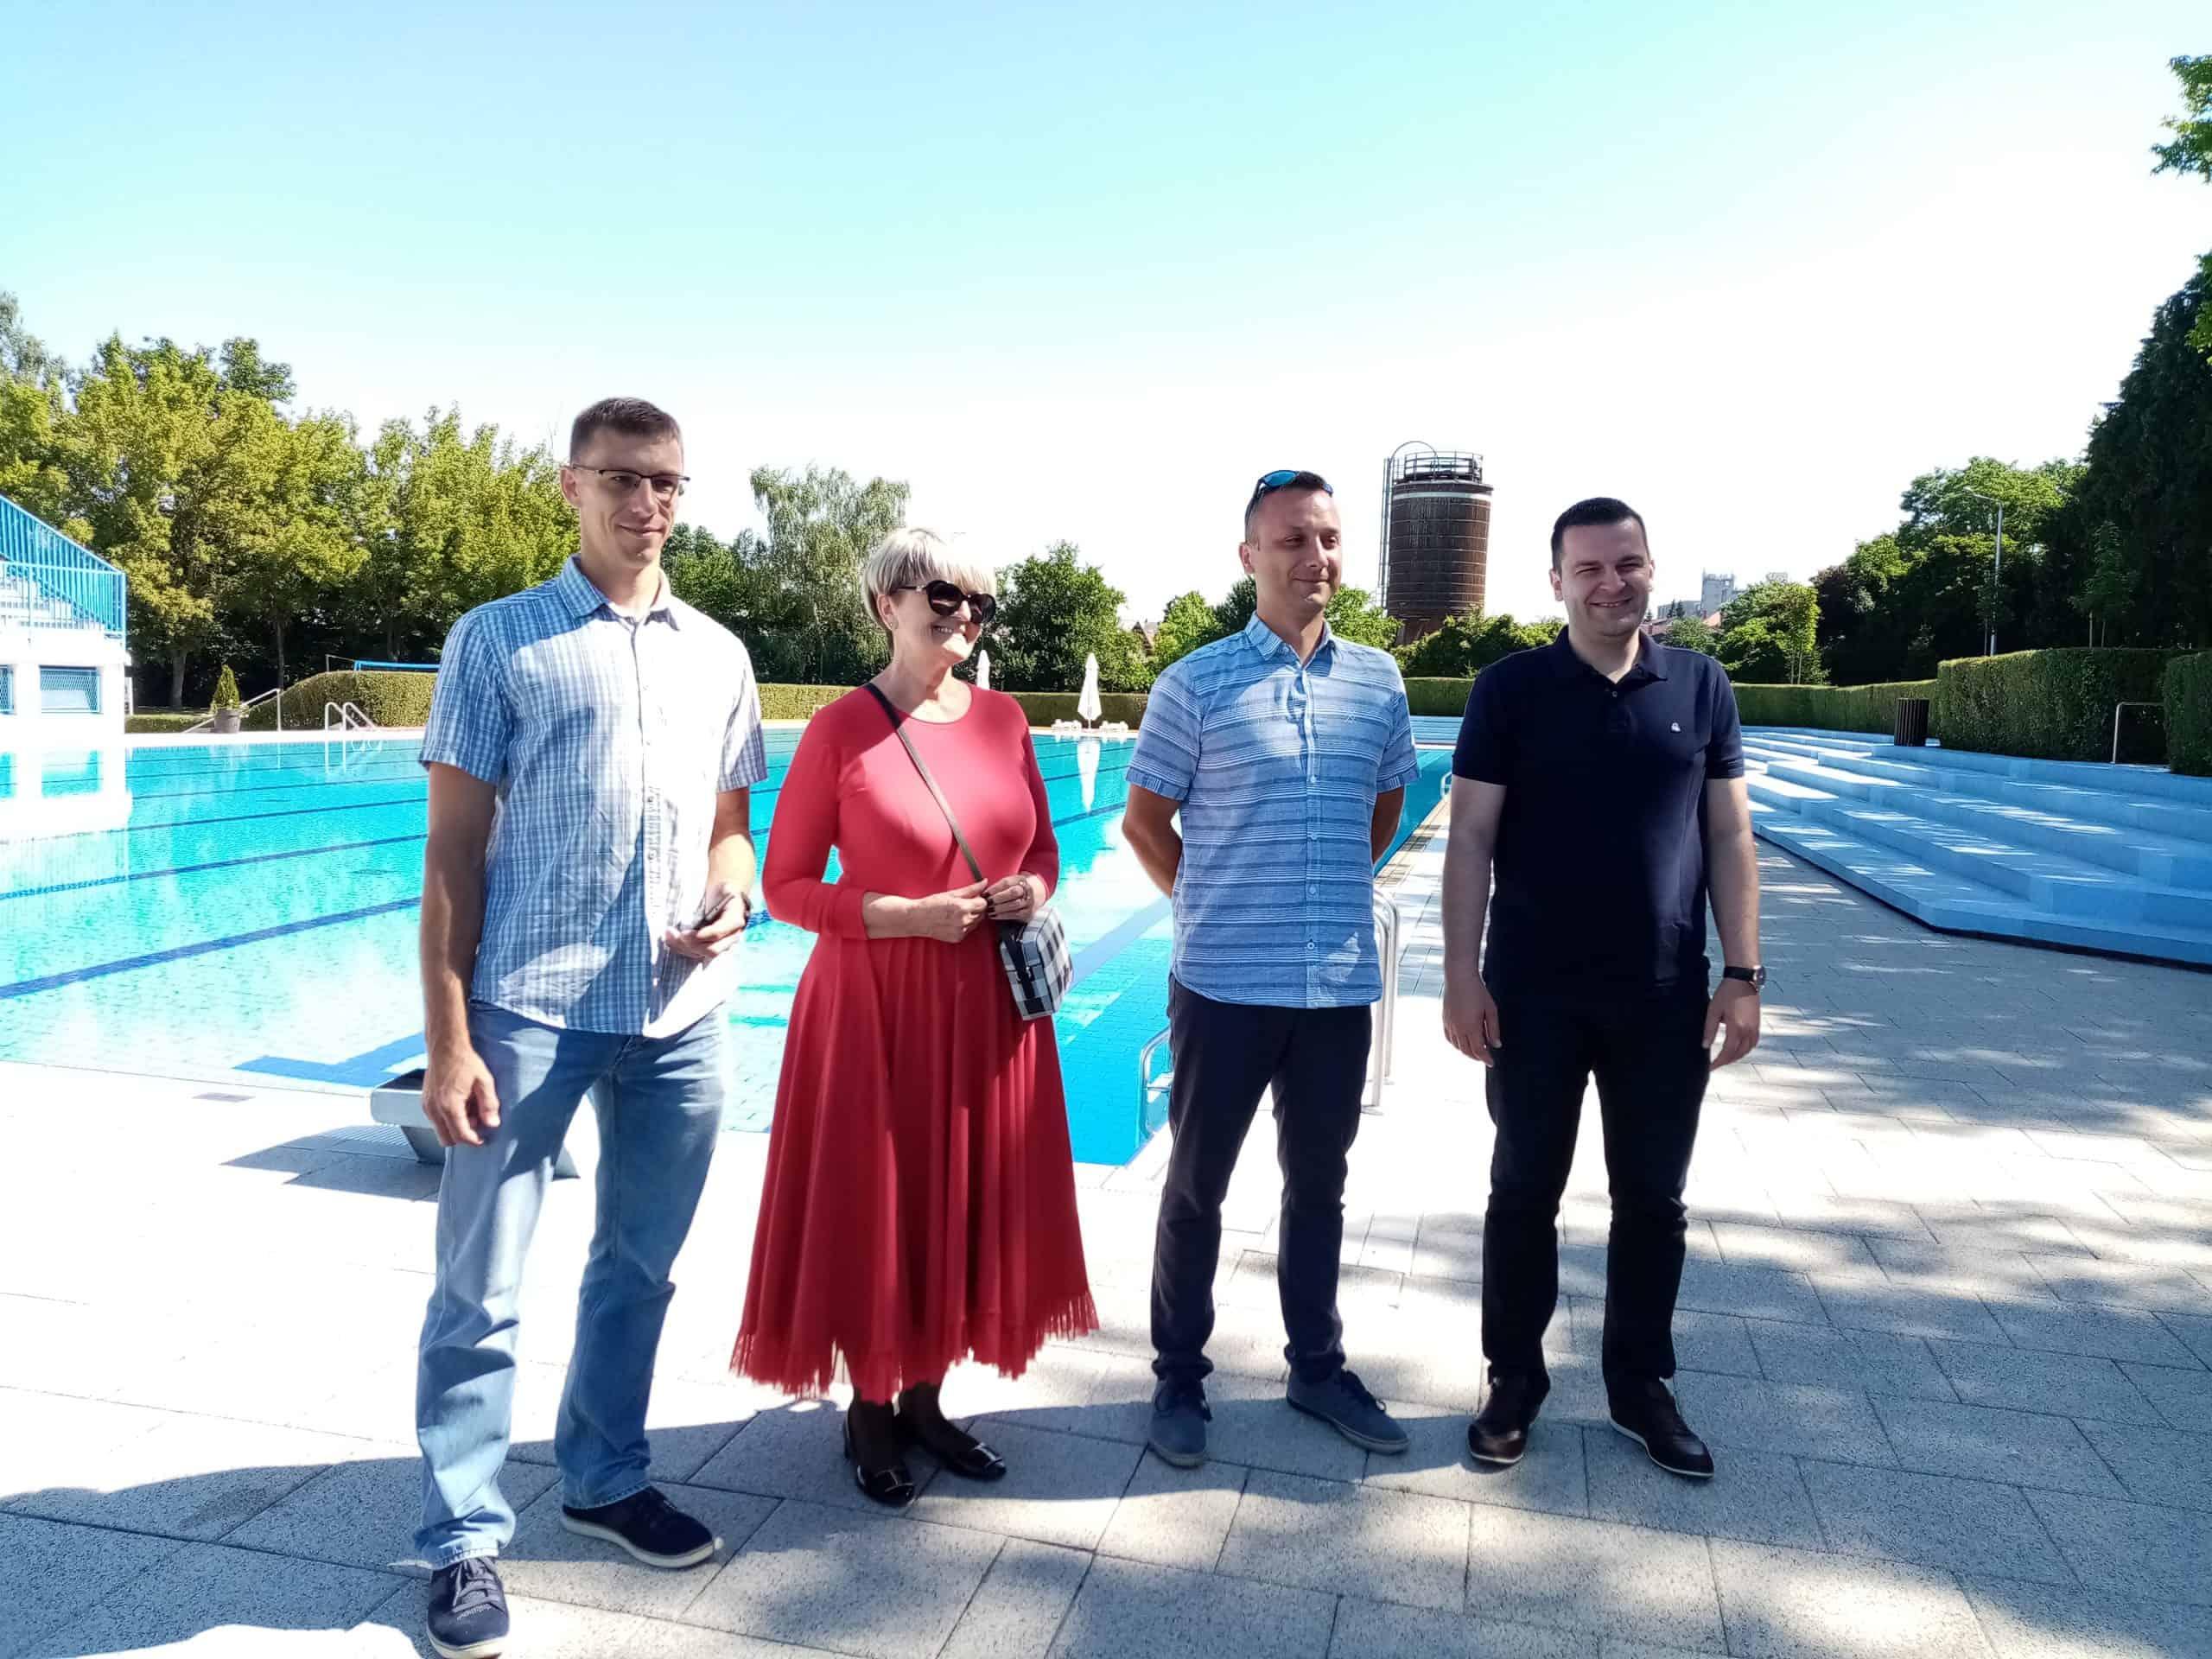 OTVORENI BAZENI Navalite, kupanje je danas besplatno!